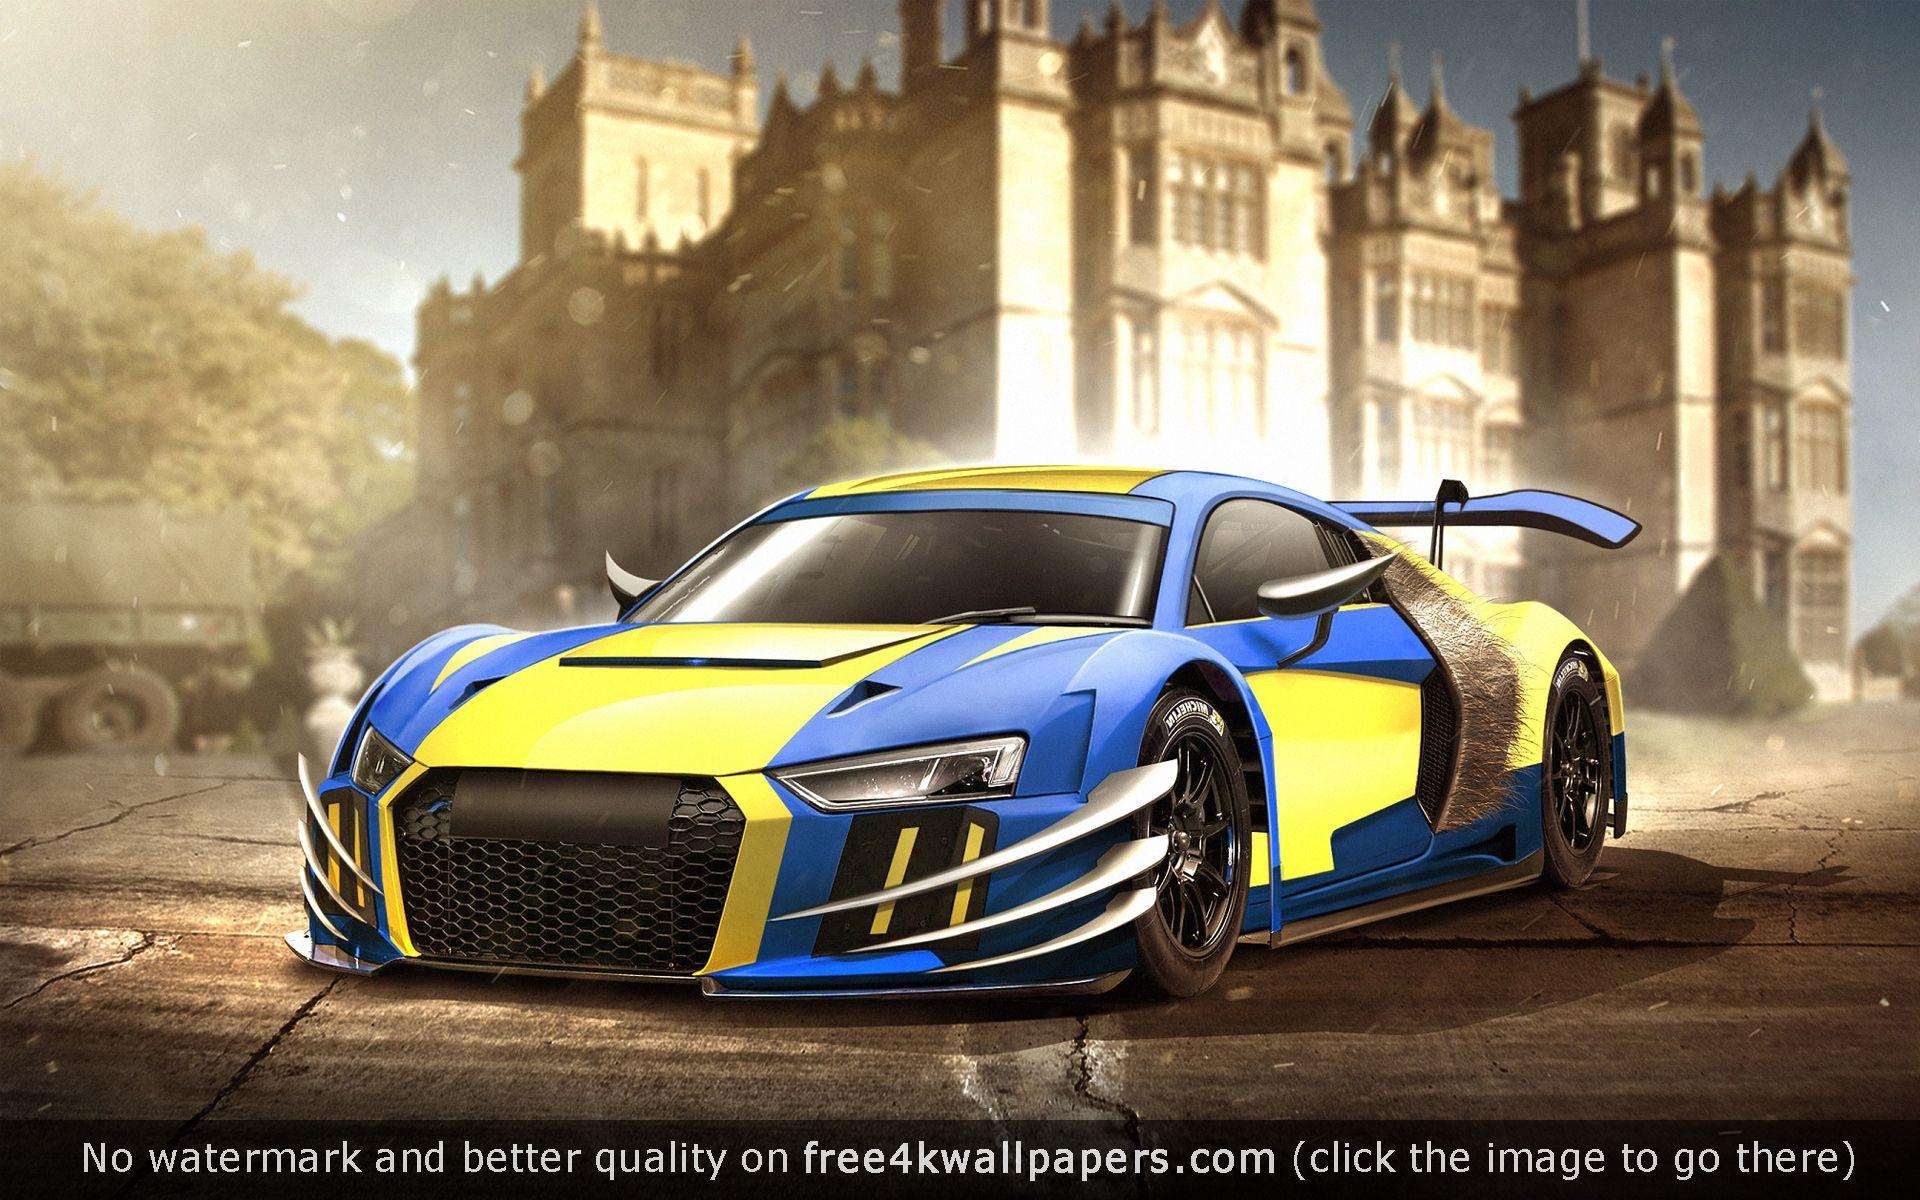 Audi R Wolverine Hd Wallpaper Super Cars Audi R8 V10 Spyder Marvel And Dc Superheroes